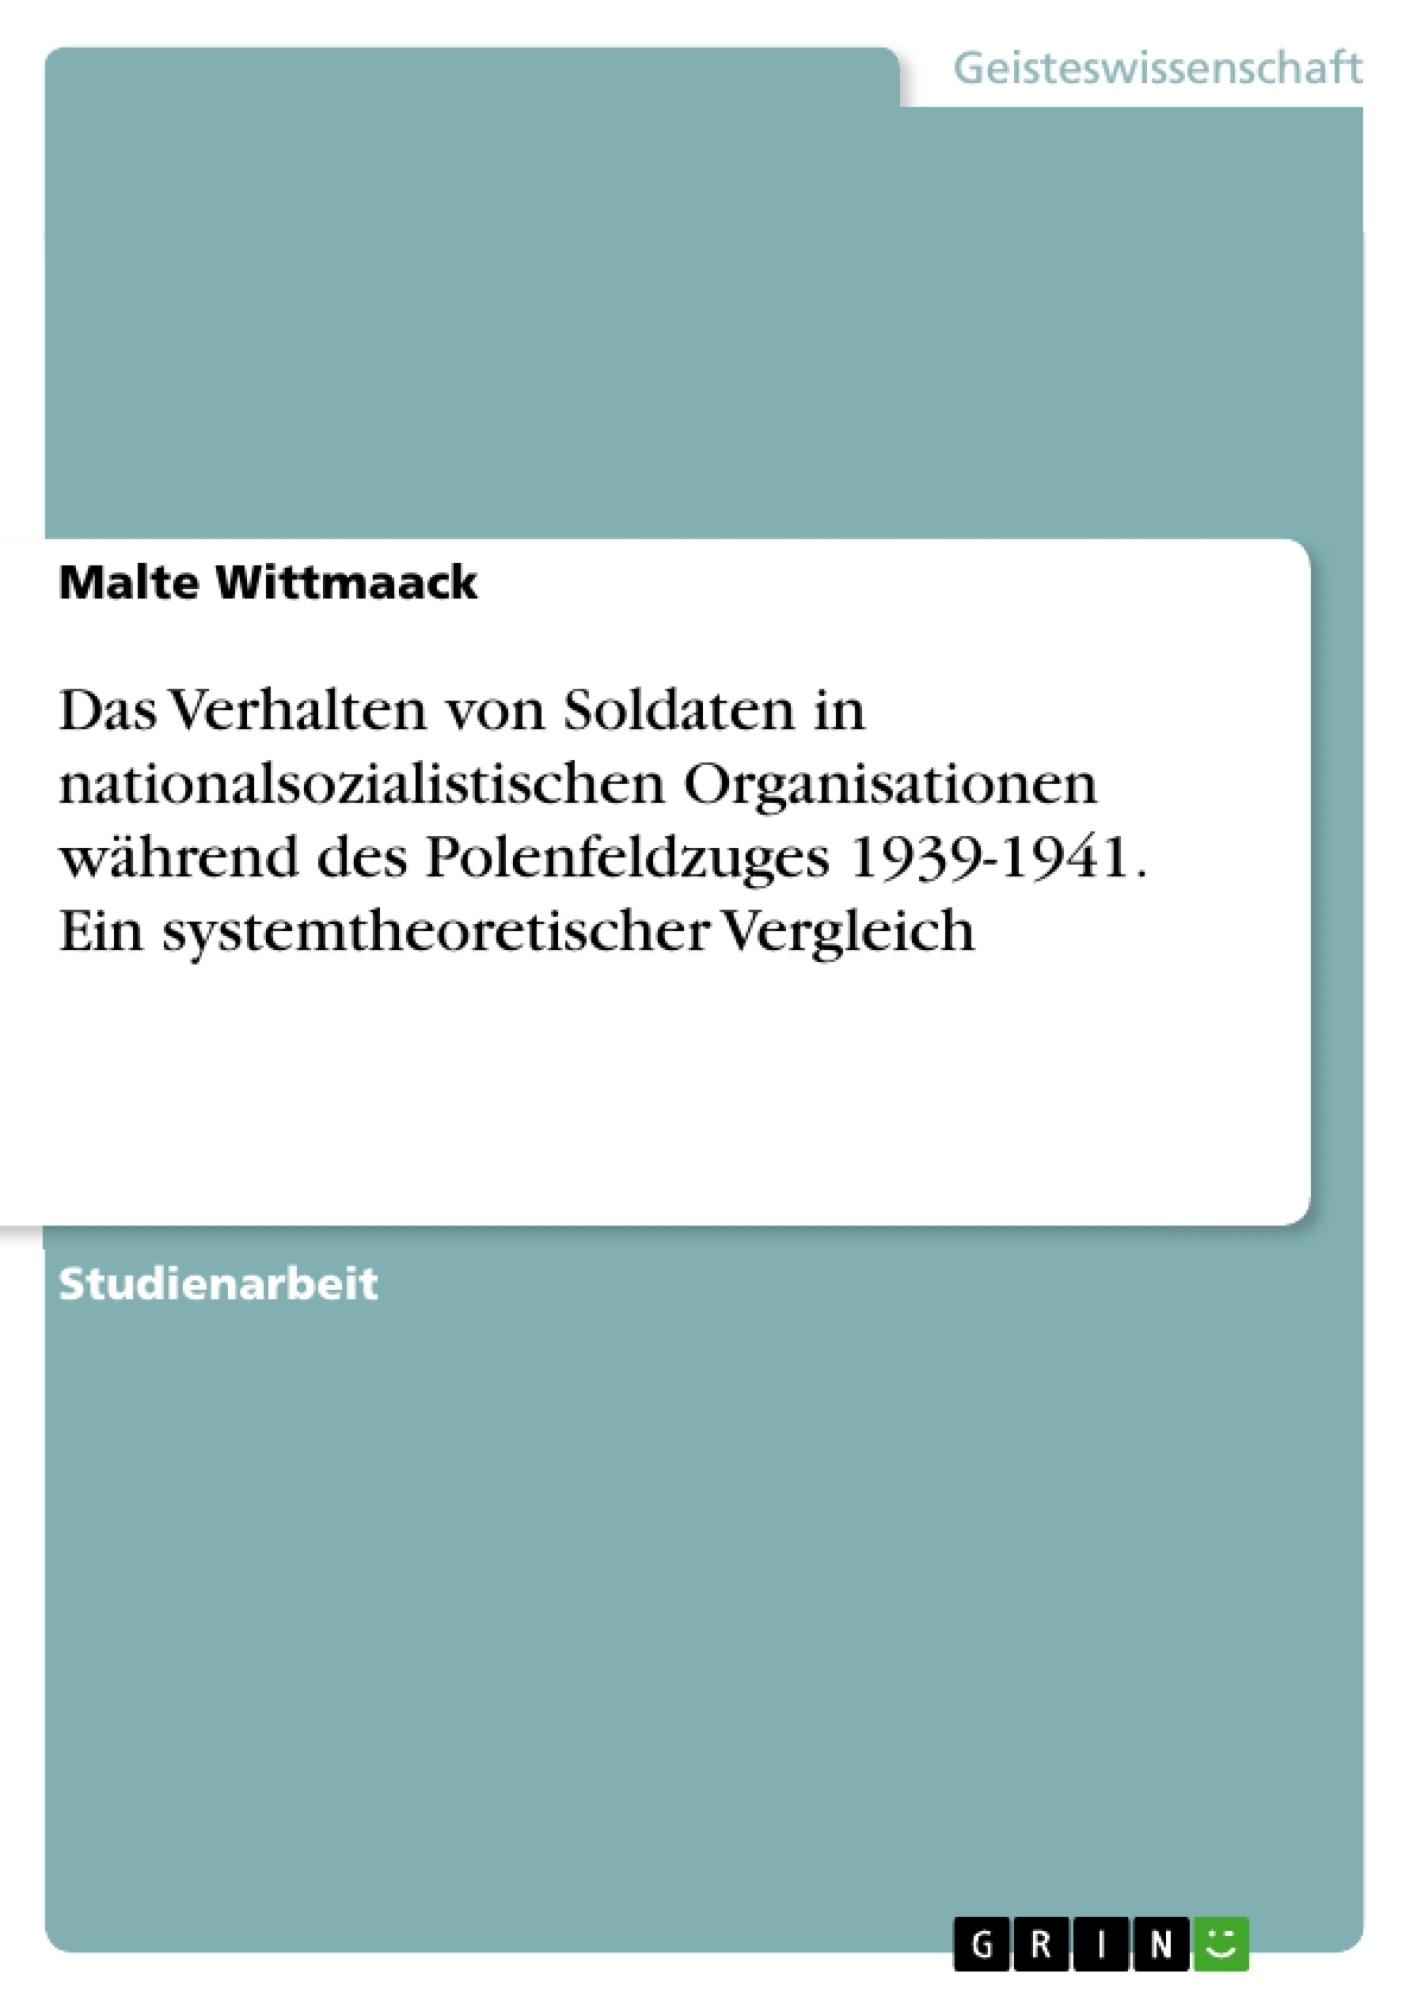 Titel: Das Verhalten von Soldaten in nationalsozialistischen Organisationen während des Polenfeldzuges 1939-1941. Ein systemtheoretischer Vergleich